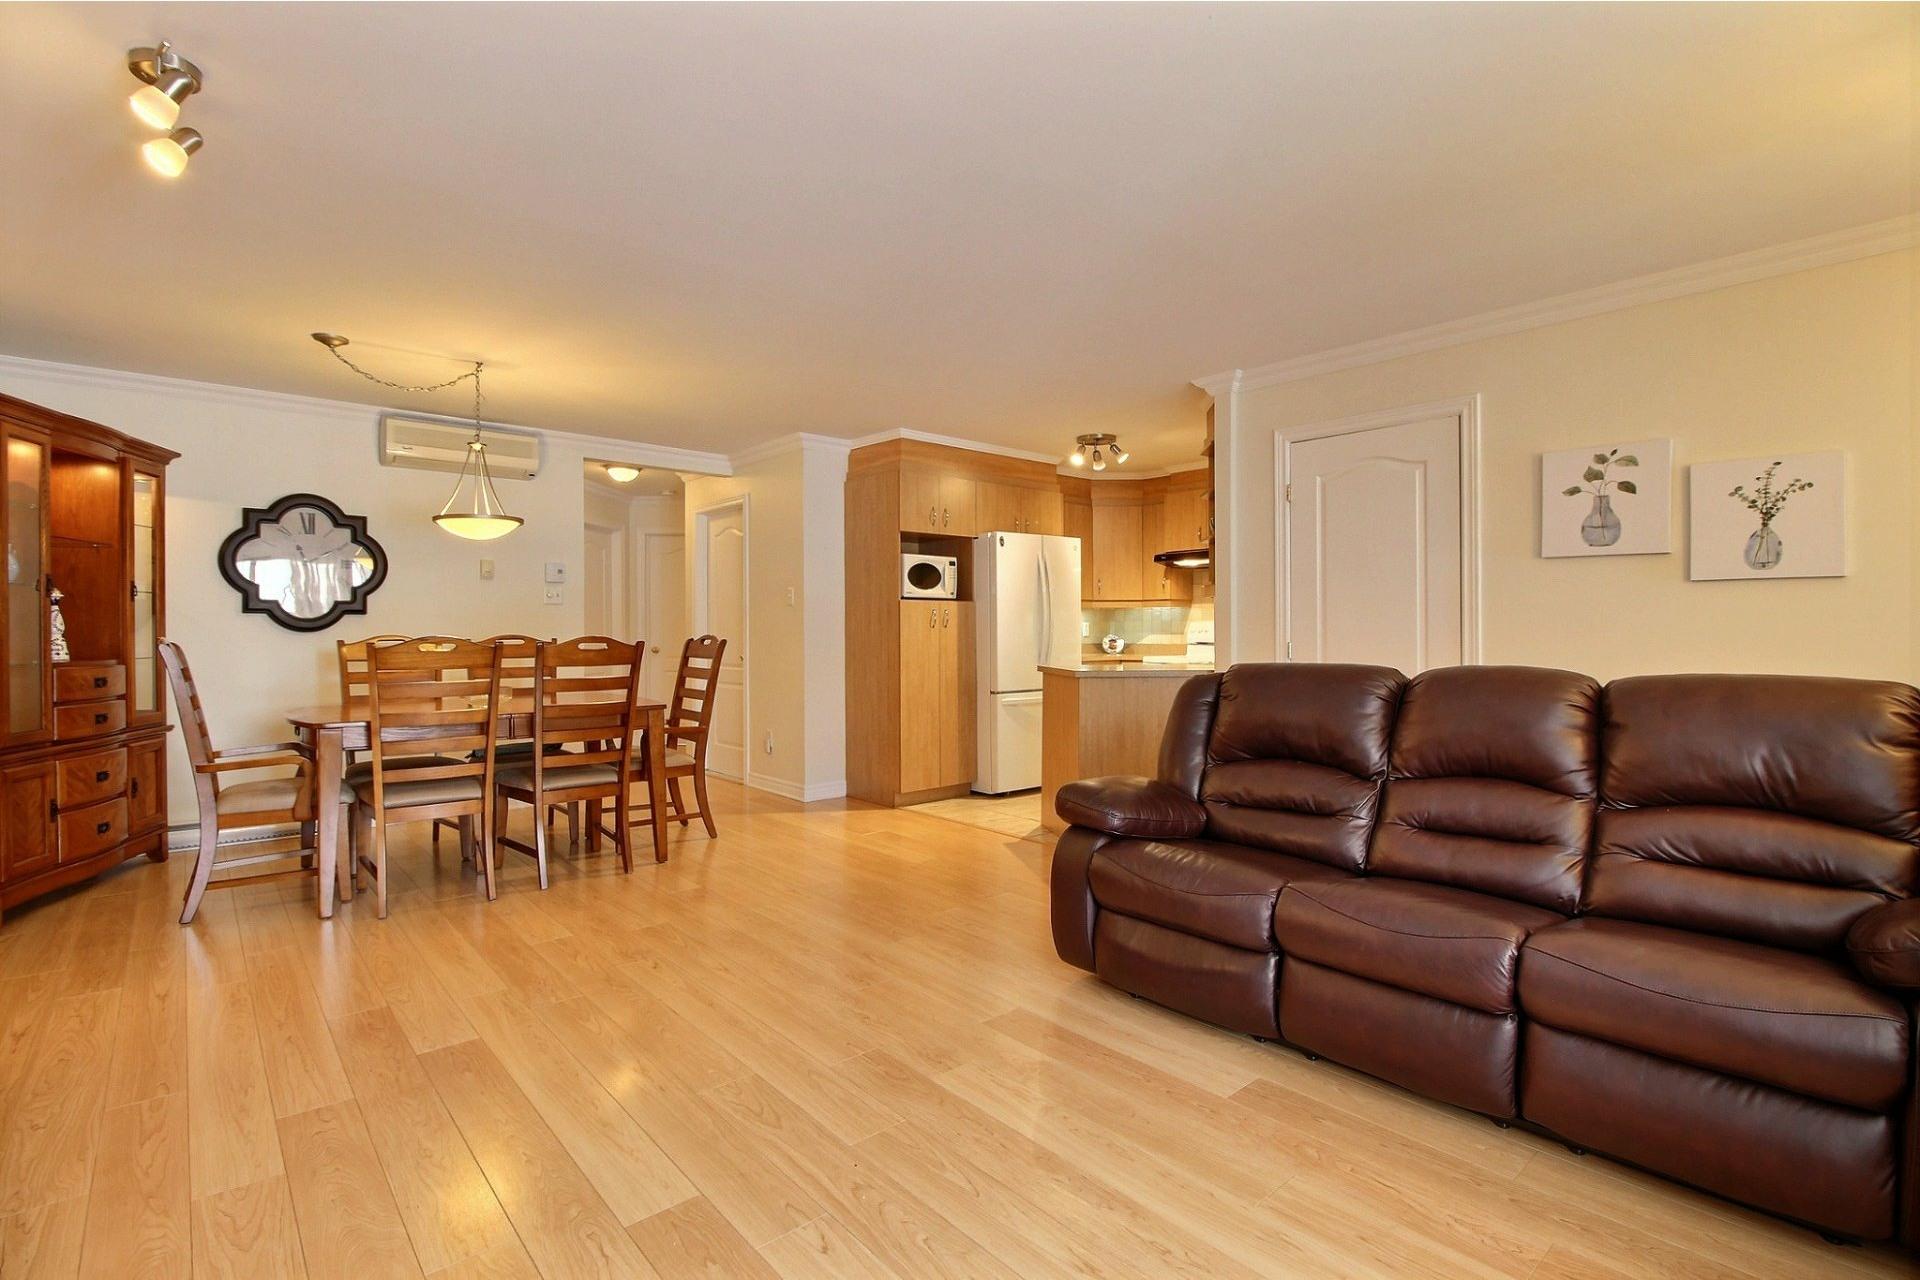 image 3 - Appartement À vendre Rivière-des-Prairies/Pointe-aux-Trembles Montréal  - 6 pièces